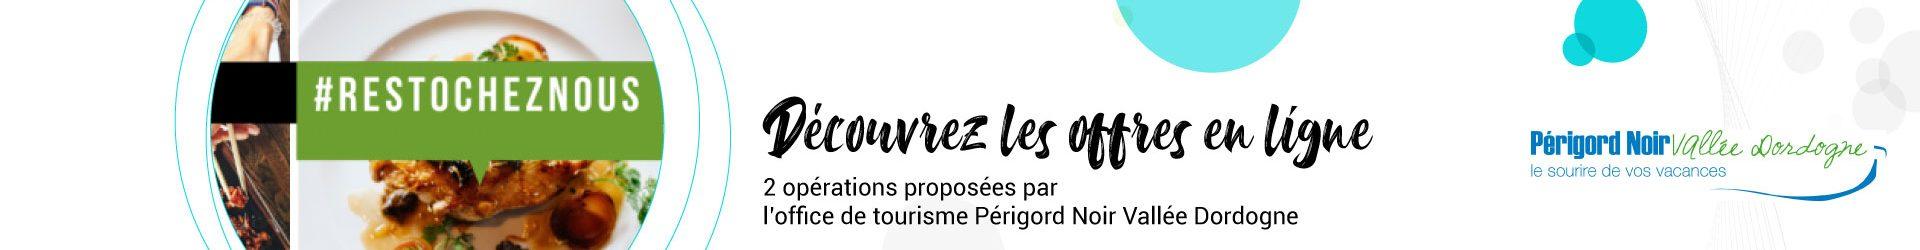 # RestoChezNous, commerces et services du territoire Périgord Noir Vallée Dordogne